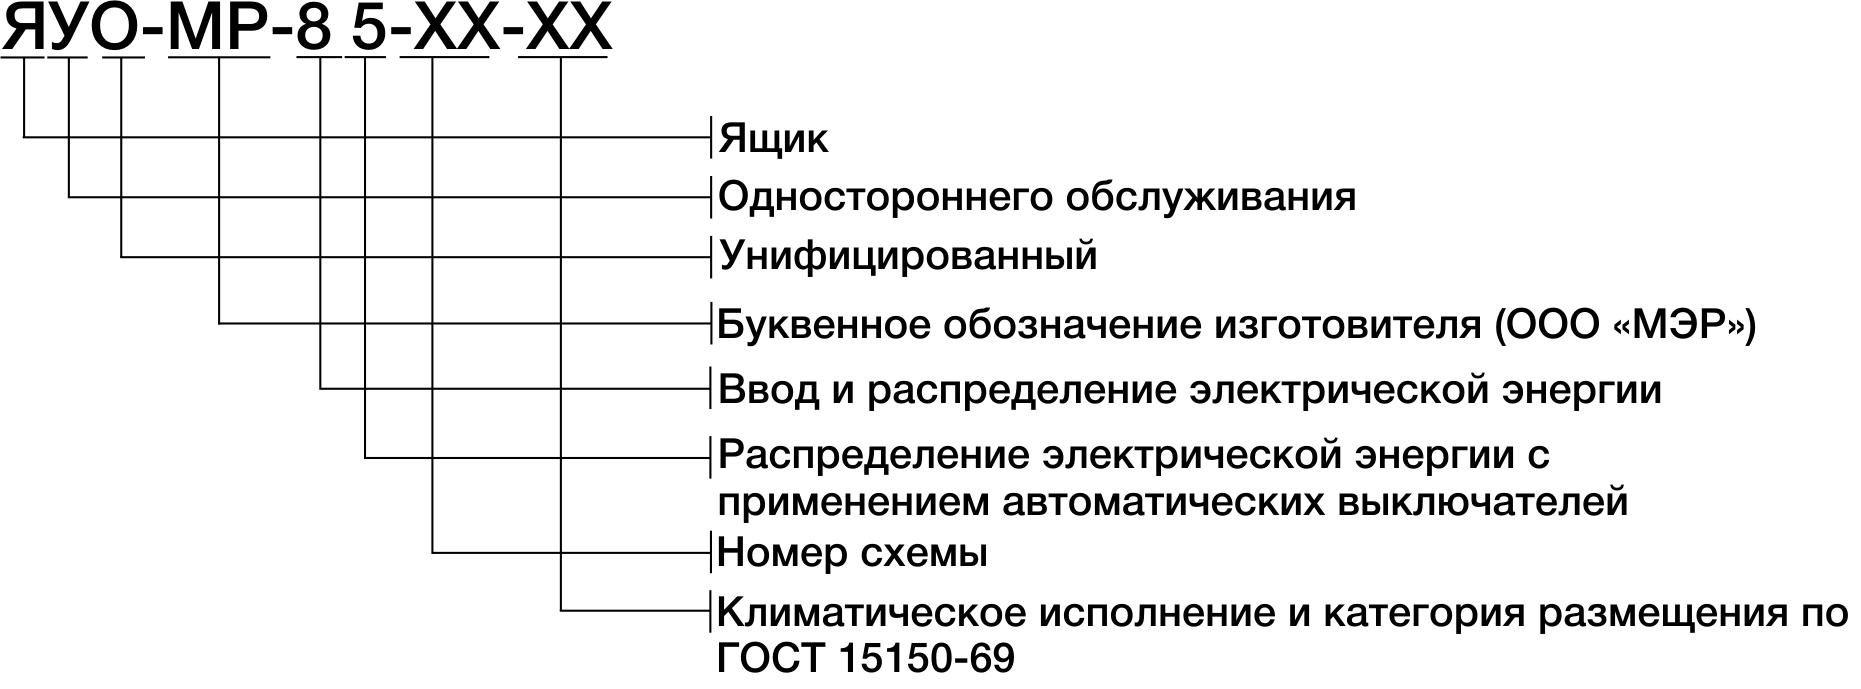 Структура условного обозначения щитка осветительного серии УОЩВ-МР